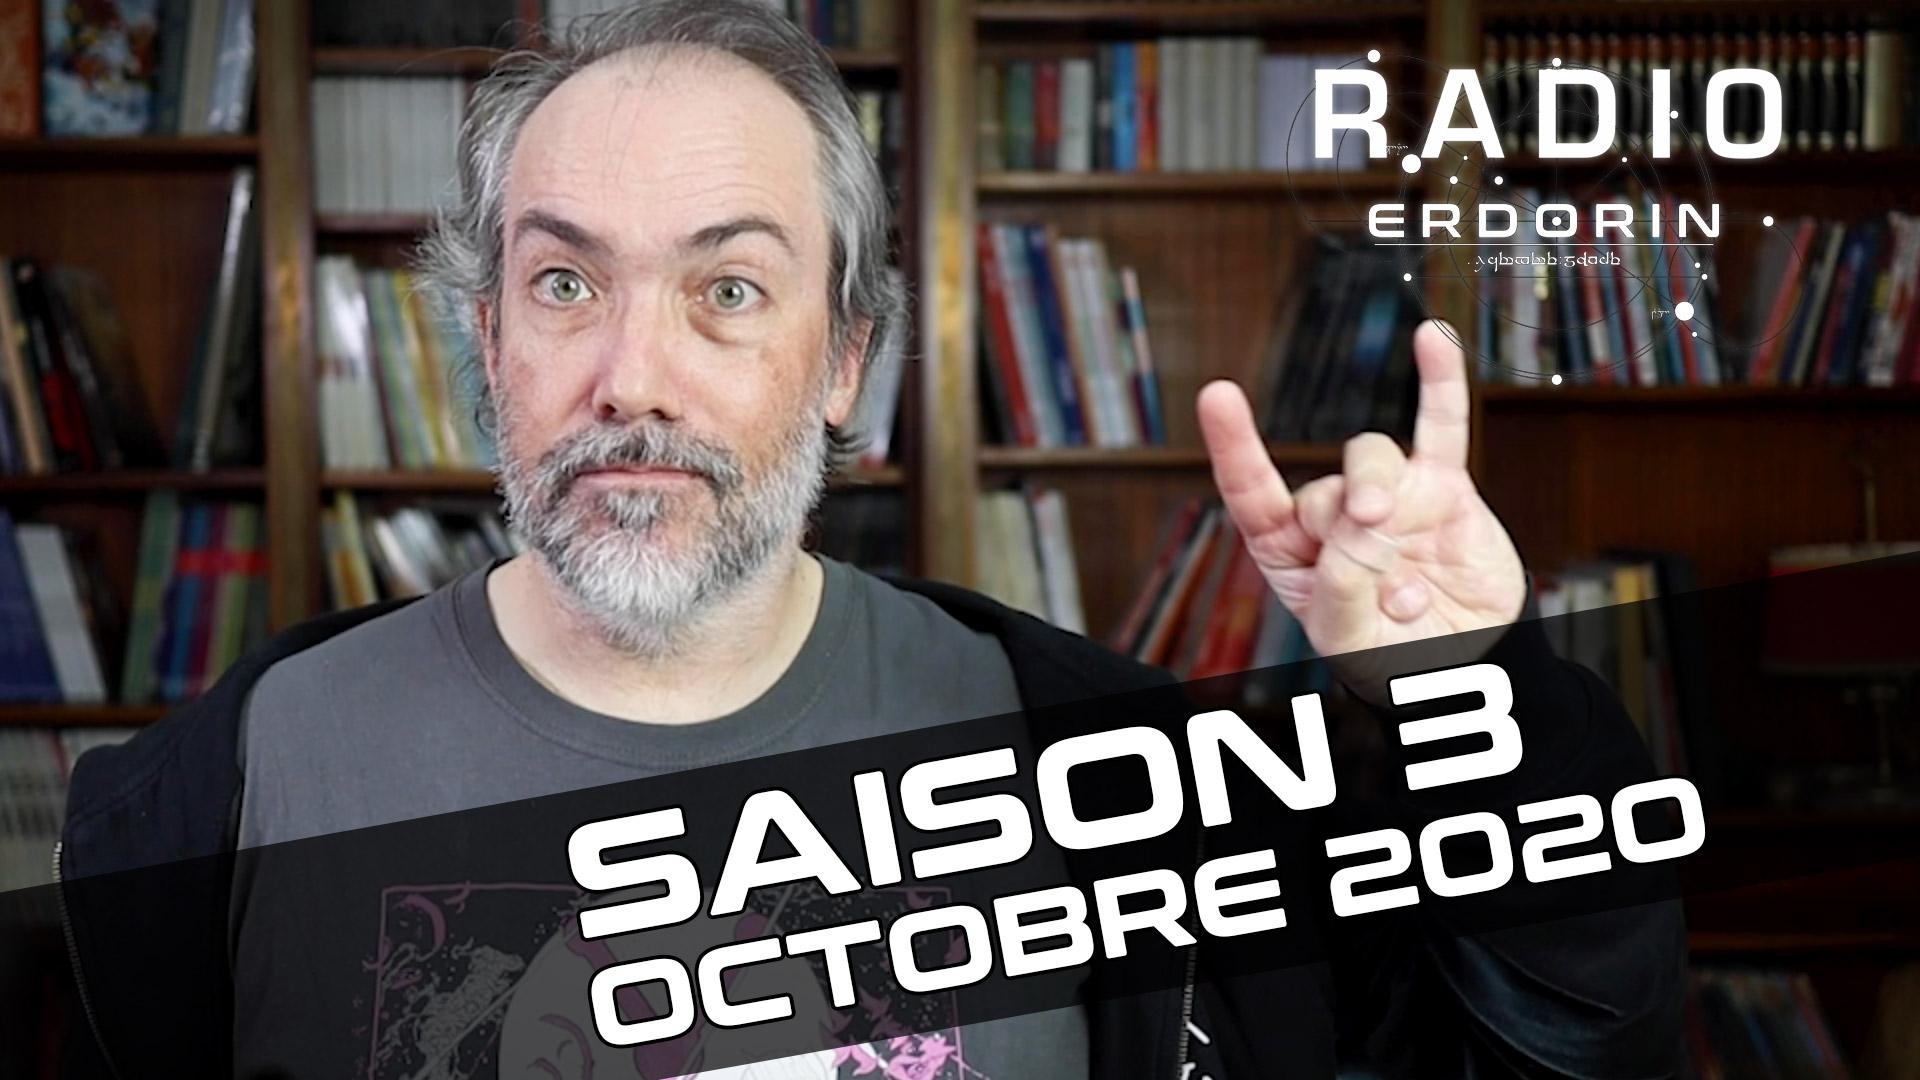 Radio-Erdorin S3E10 - Octobre 2020